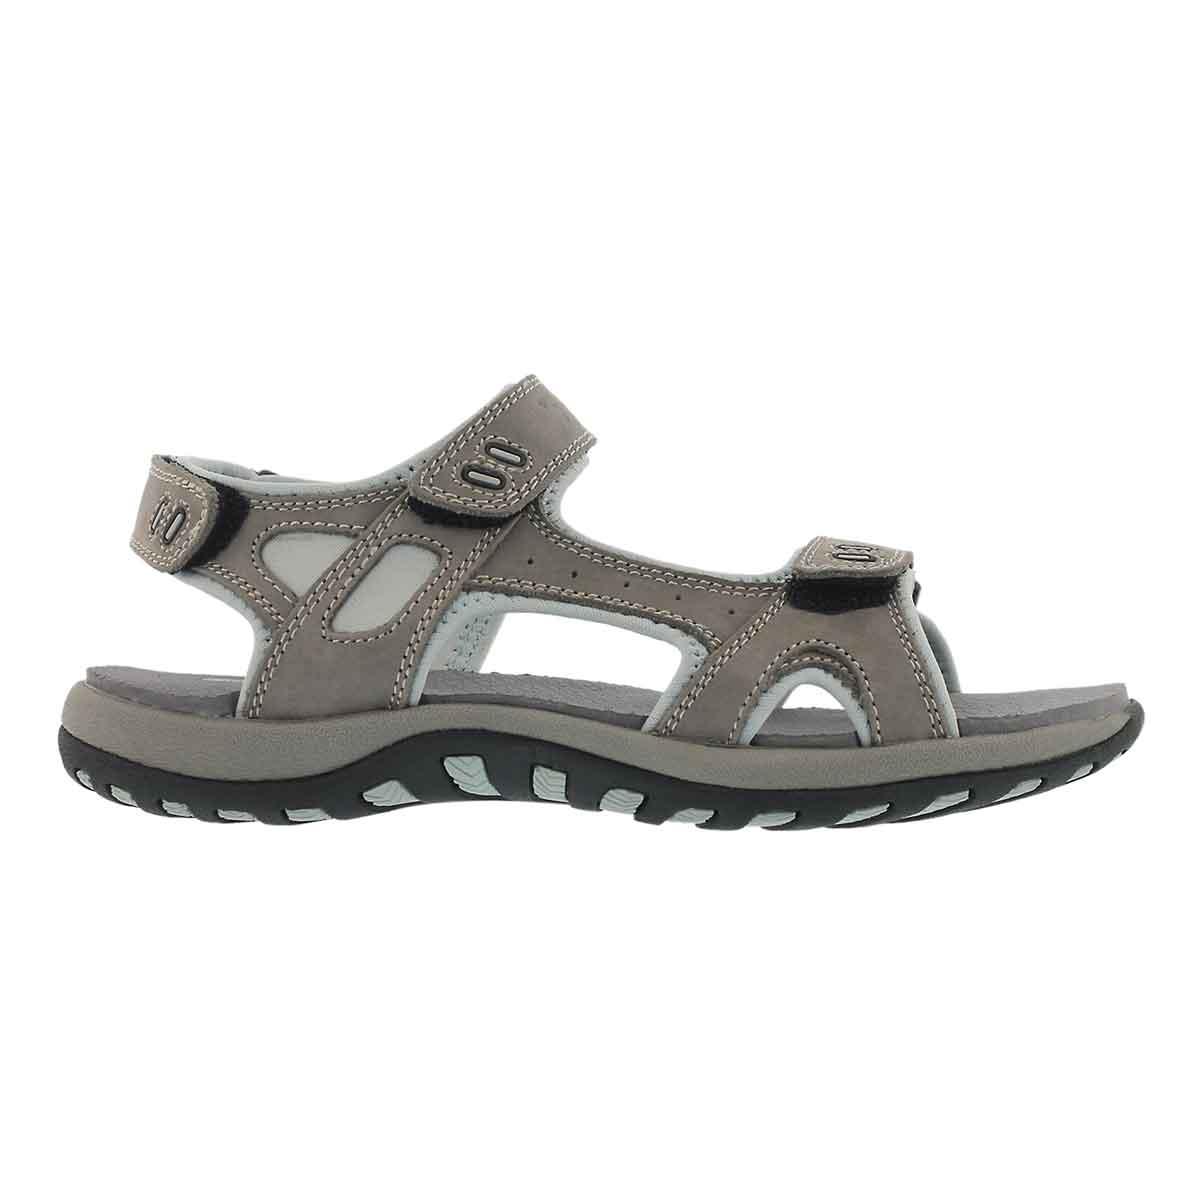 Lds Courtney grey 3 strap sport sandal